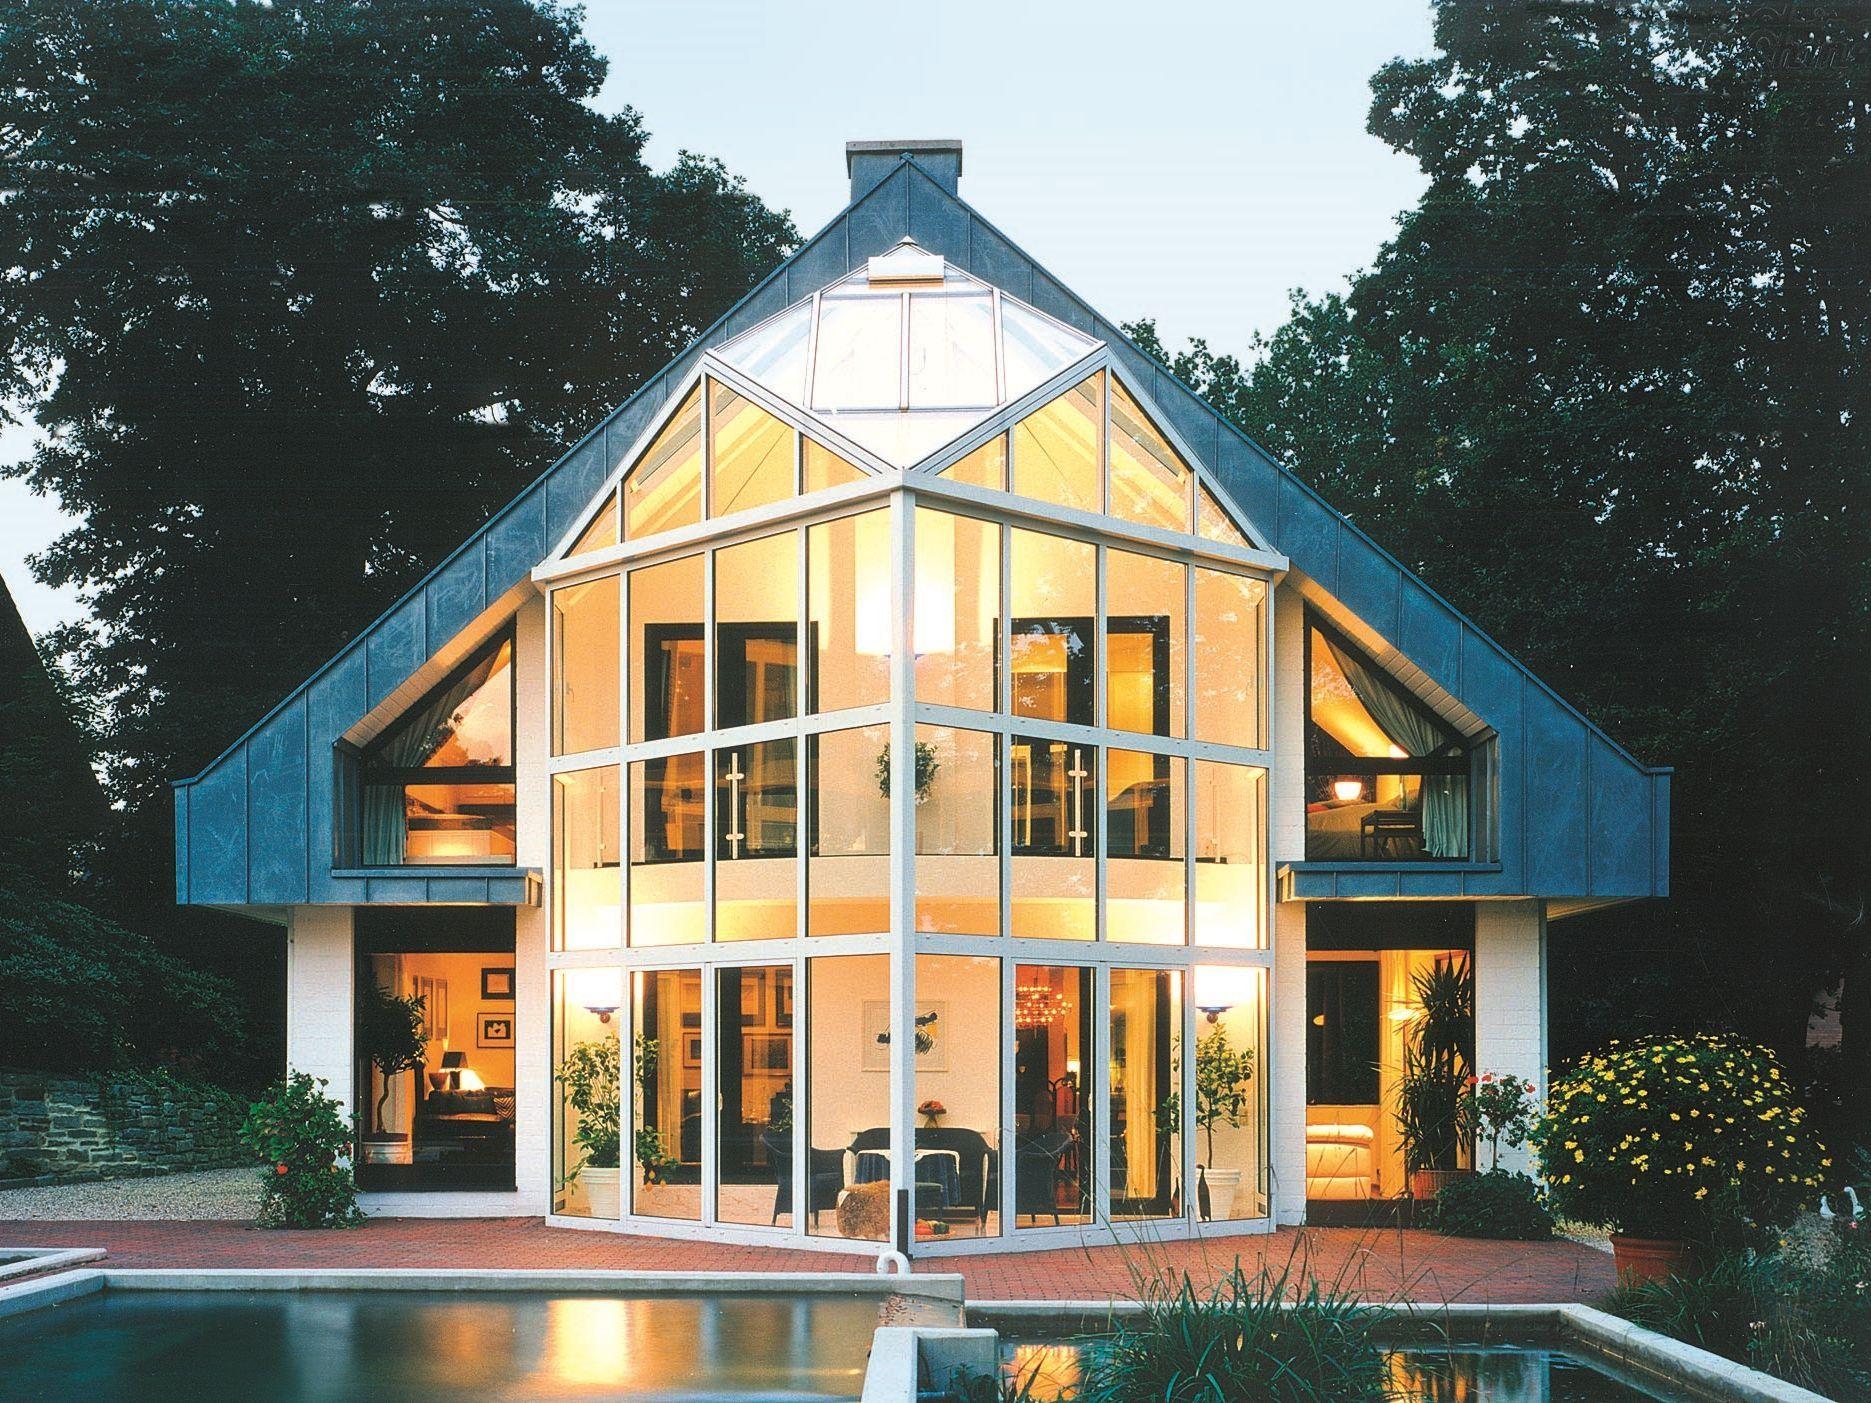 wintergarten vielfalt in nutzung und stil. Black Bedroom Furniture Sets. Home Design Ideas